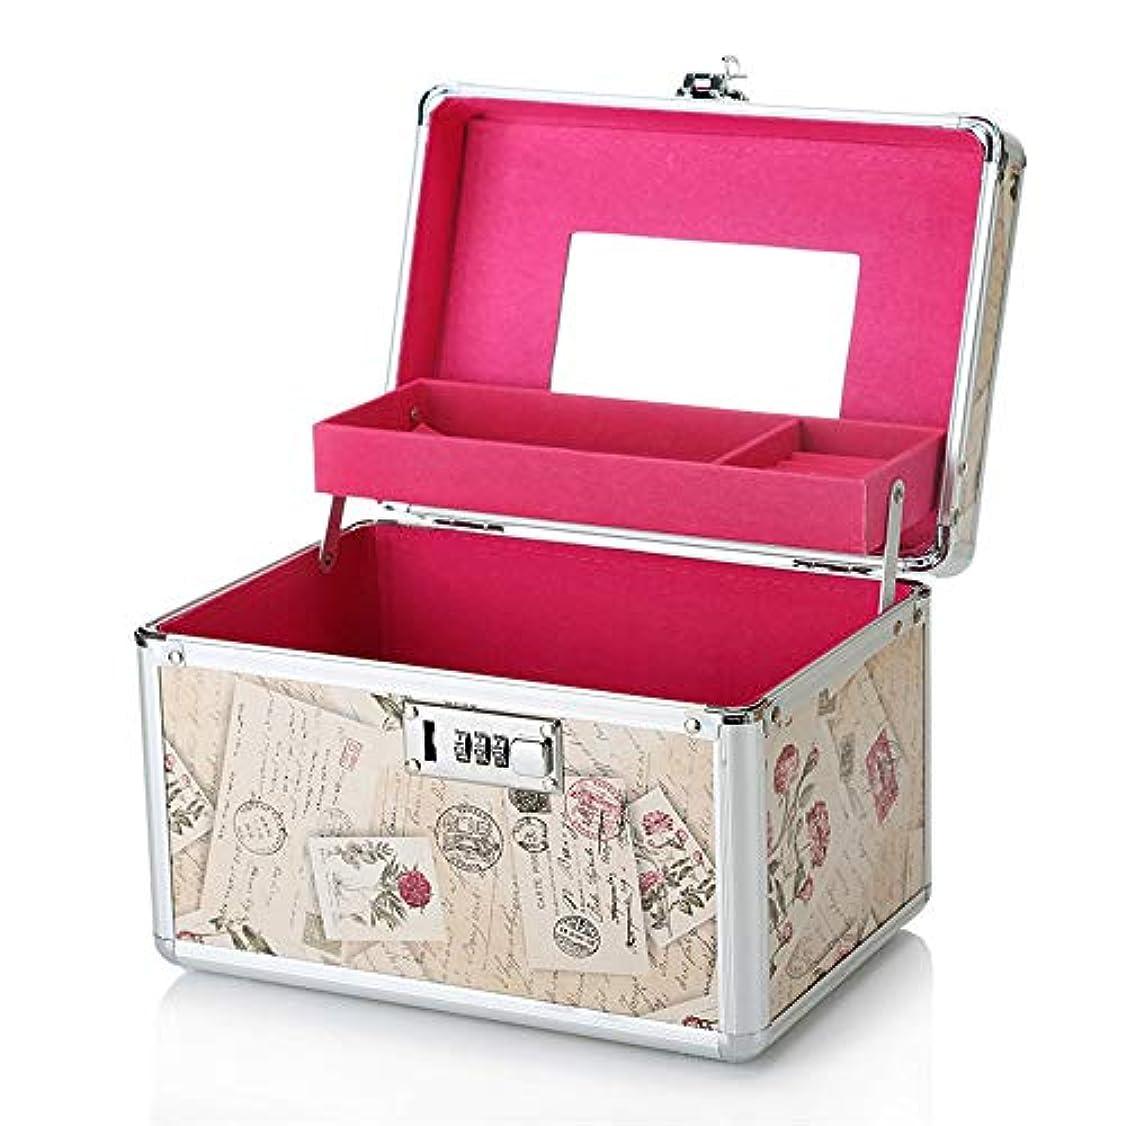 頂点ソーダ水抑止する化粧オーガナイザーバッグ 化粧箱バニティロック可能な美容メイクアップネイルジュエリーポータブルケース収納ボックス 化粧品ケース